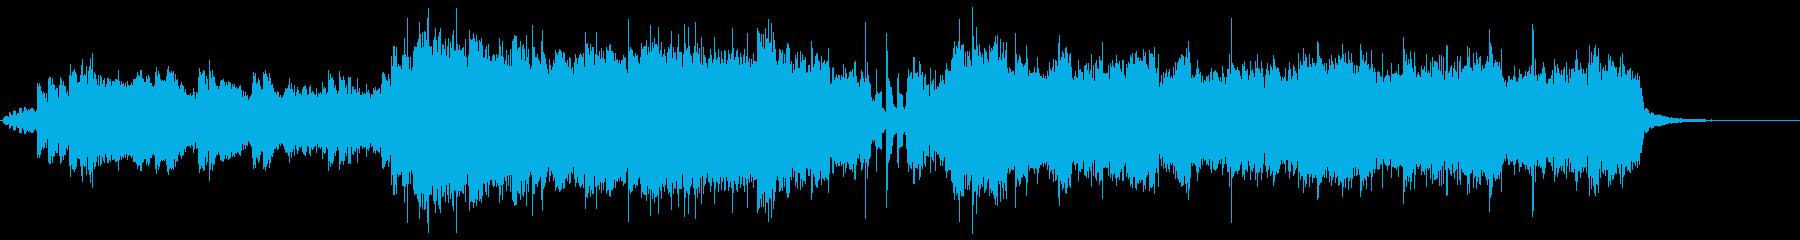 アニソンイントロポップの再生済みの波形